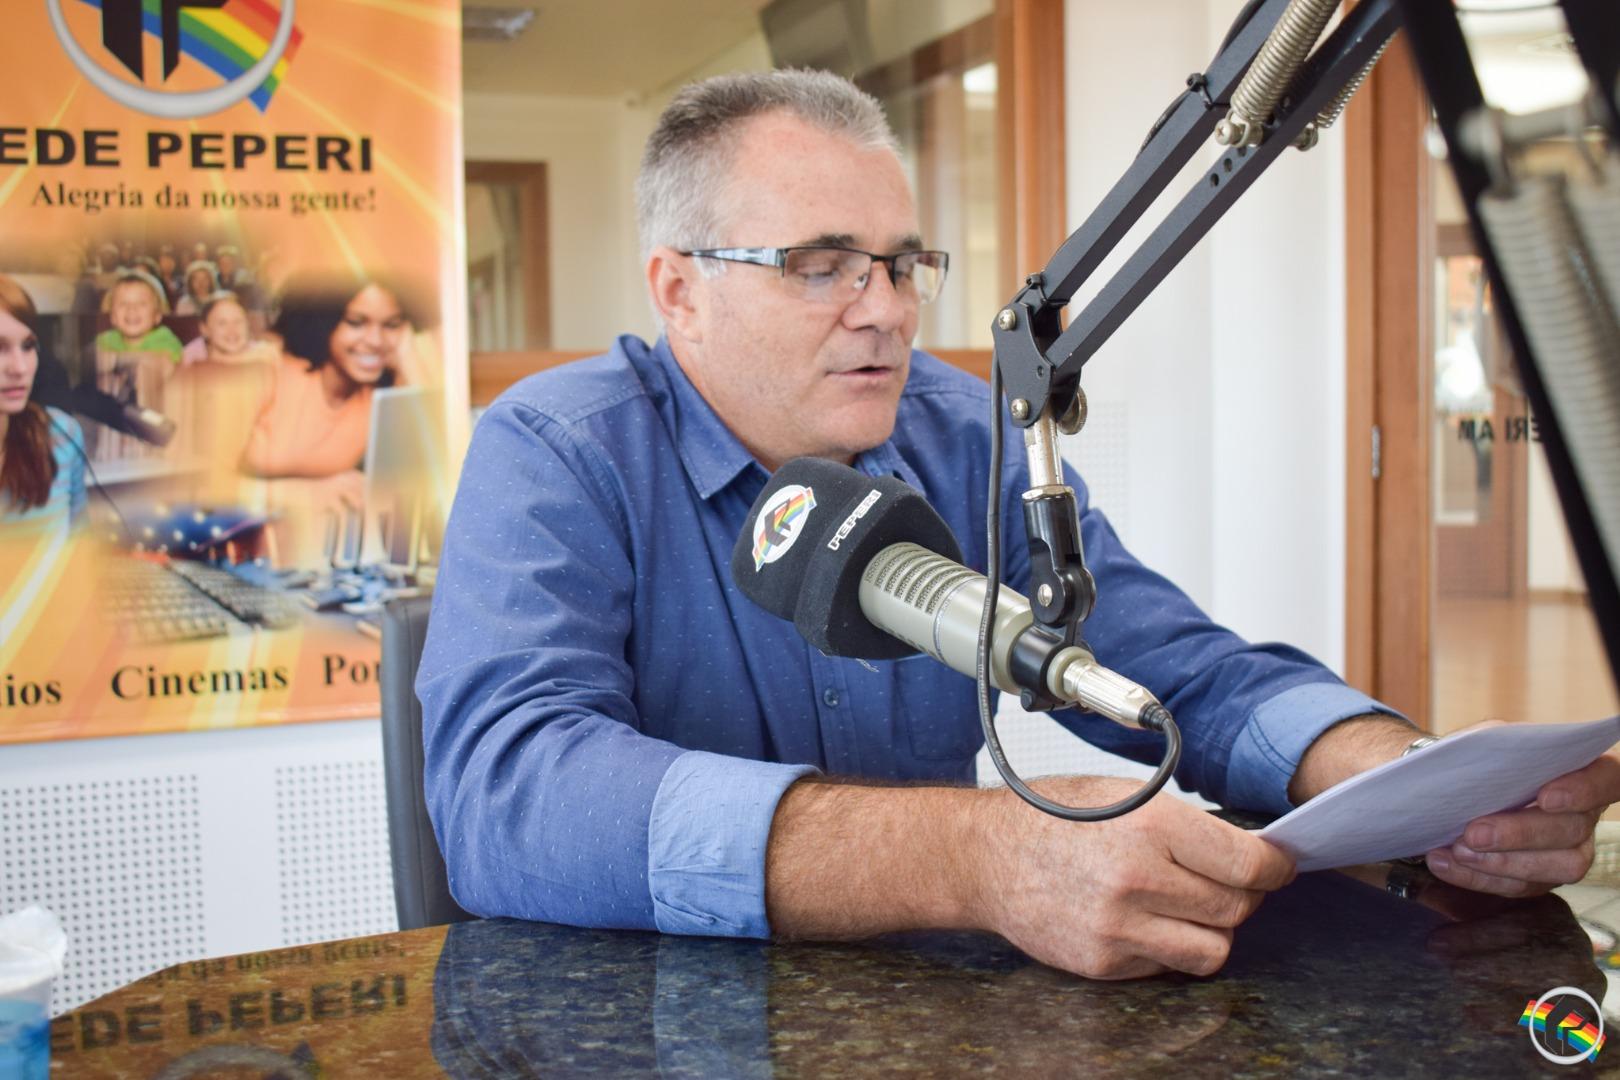 VÍDEO: Secretário executivo da ADR de SMOeste participa do Peperi Rádio Repórter